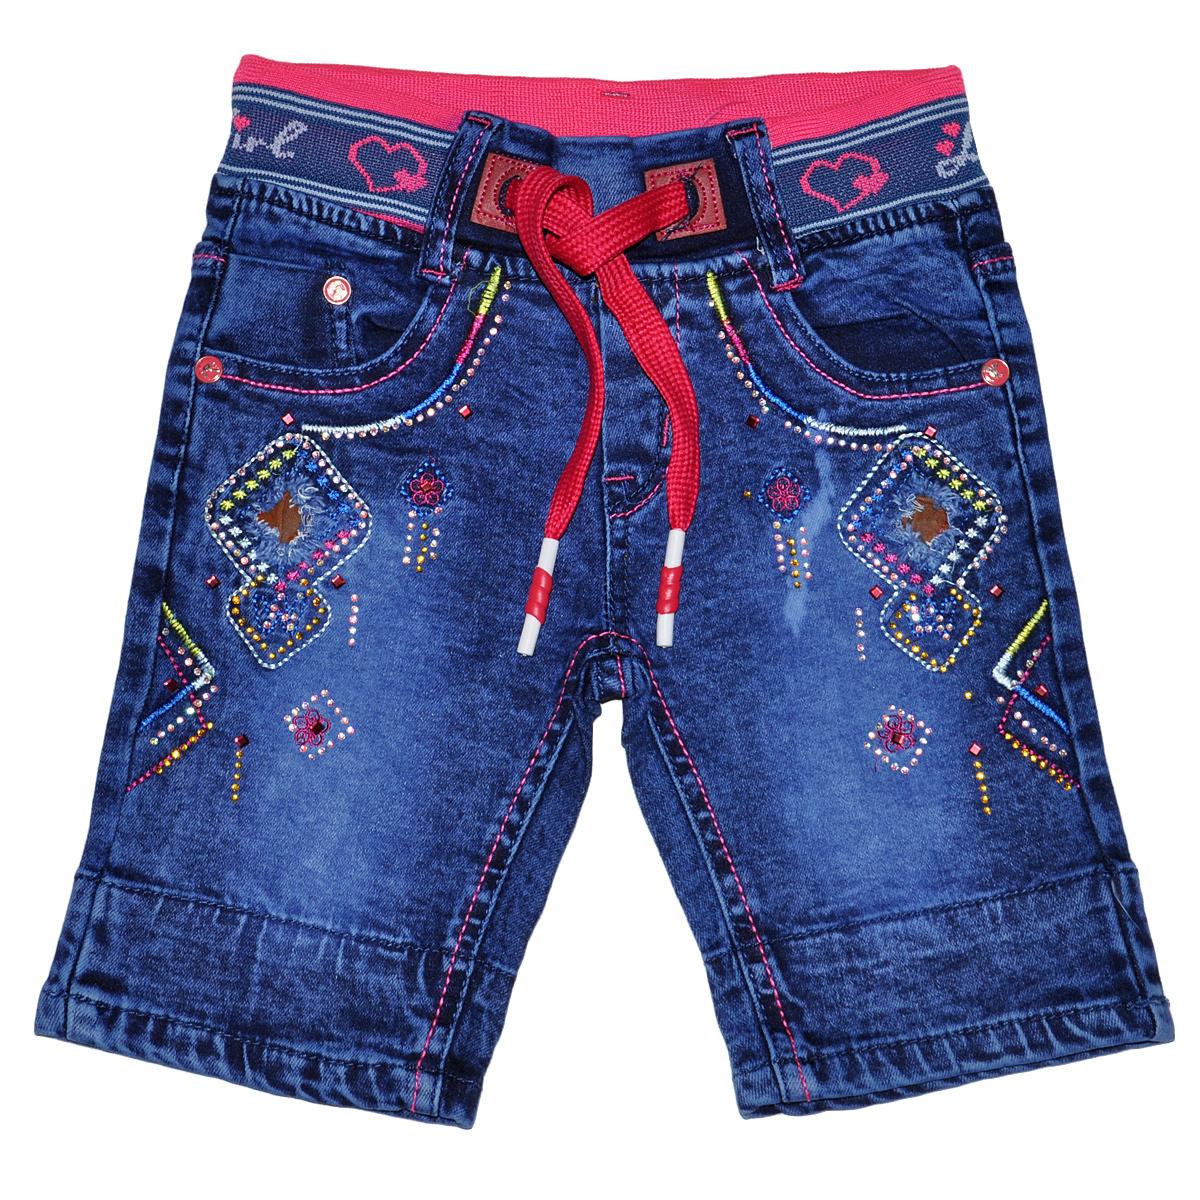 c74ac56c2e5d419 Магазин детских джинсов | Детские джинсы оптом | Джинсовая одежда для детей